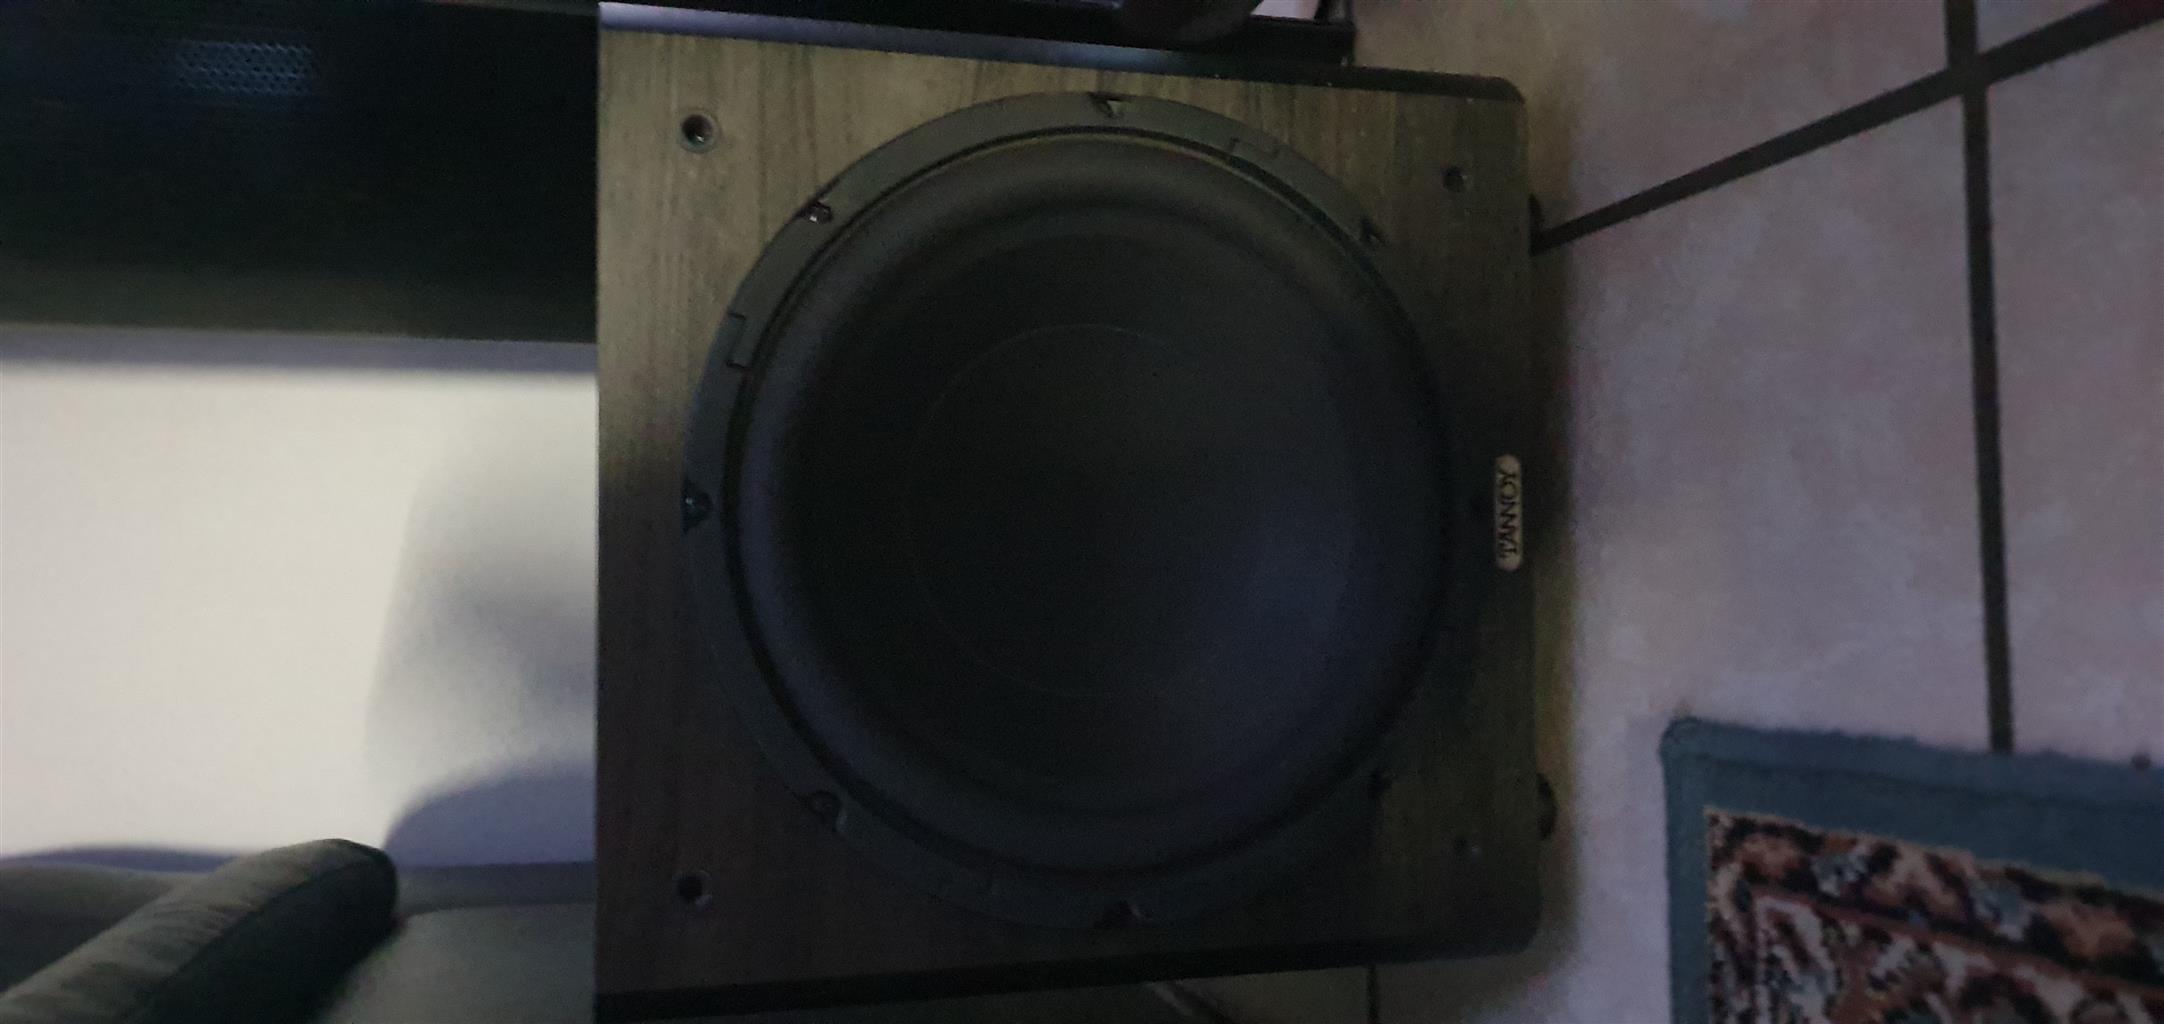 Marantz Amp with 2 powerd subs